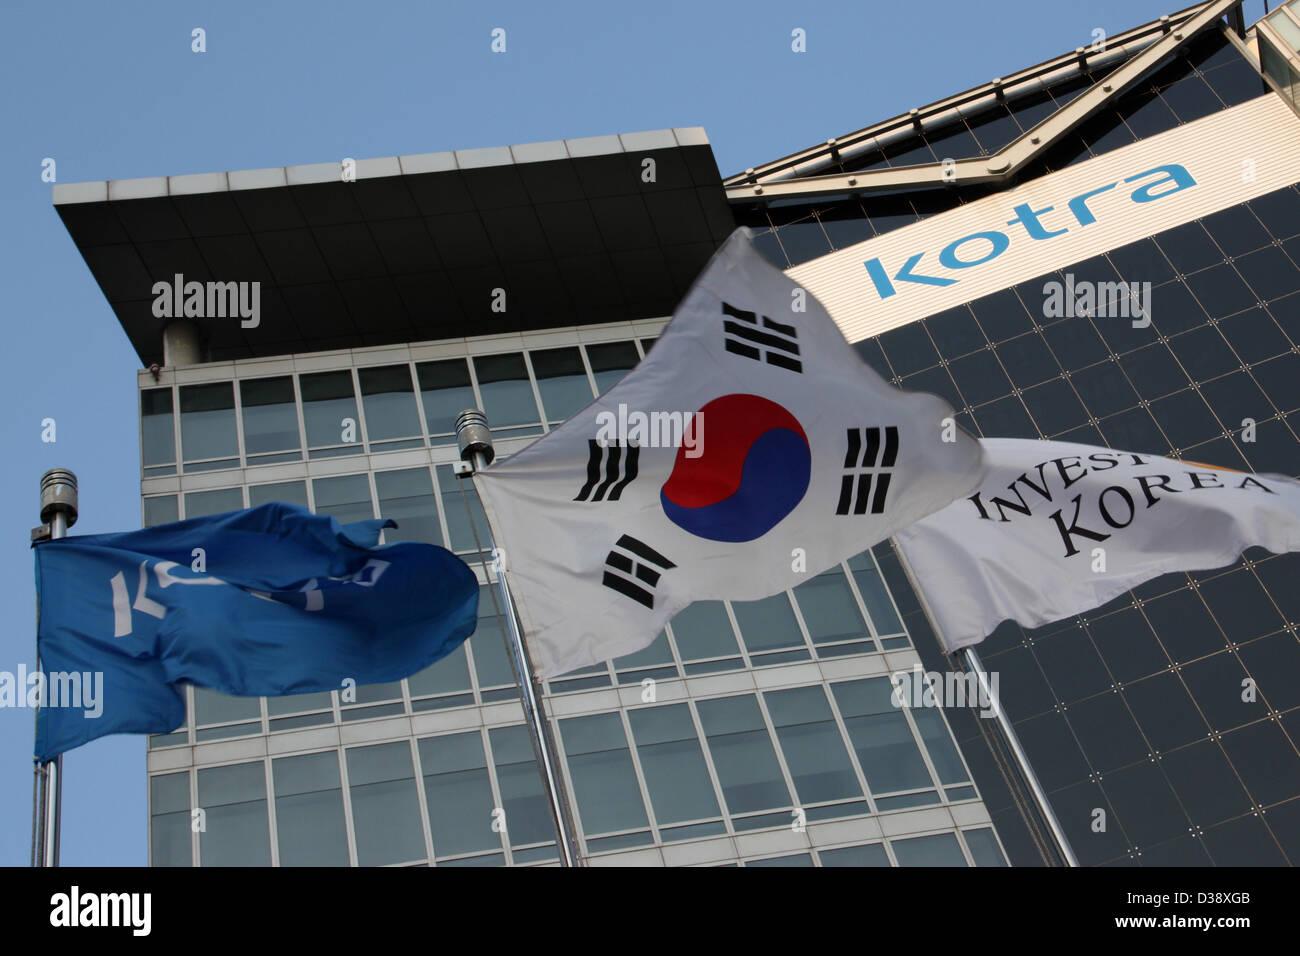 Corea del Sur: La KOTRA (Organismo de Promoción de Inversiones de Comercio de Corea) sede, Seúl Foto de stock